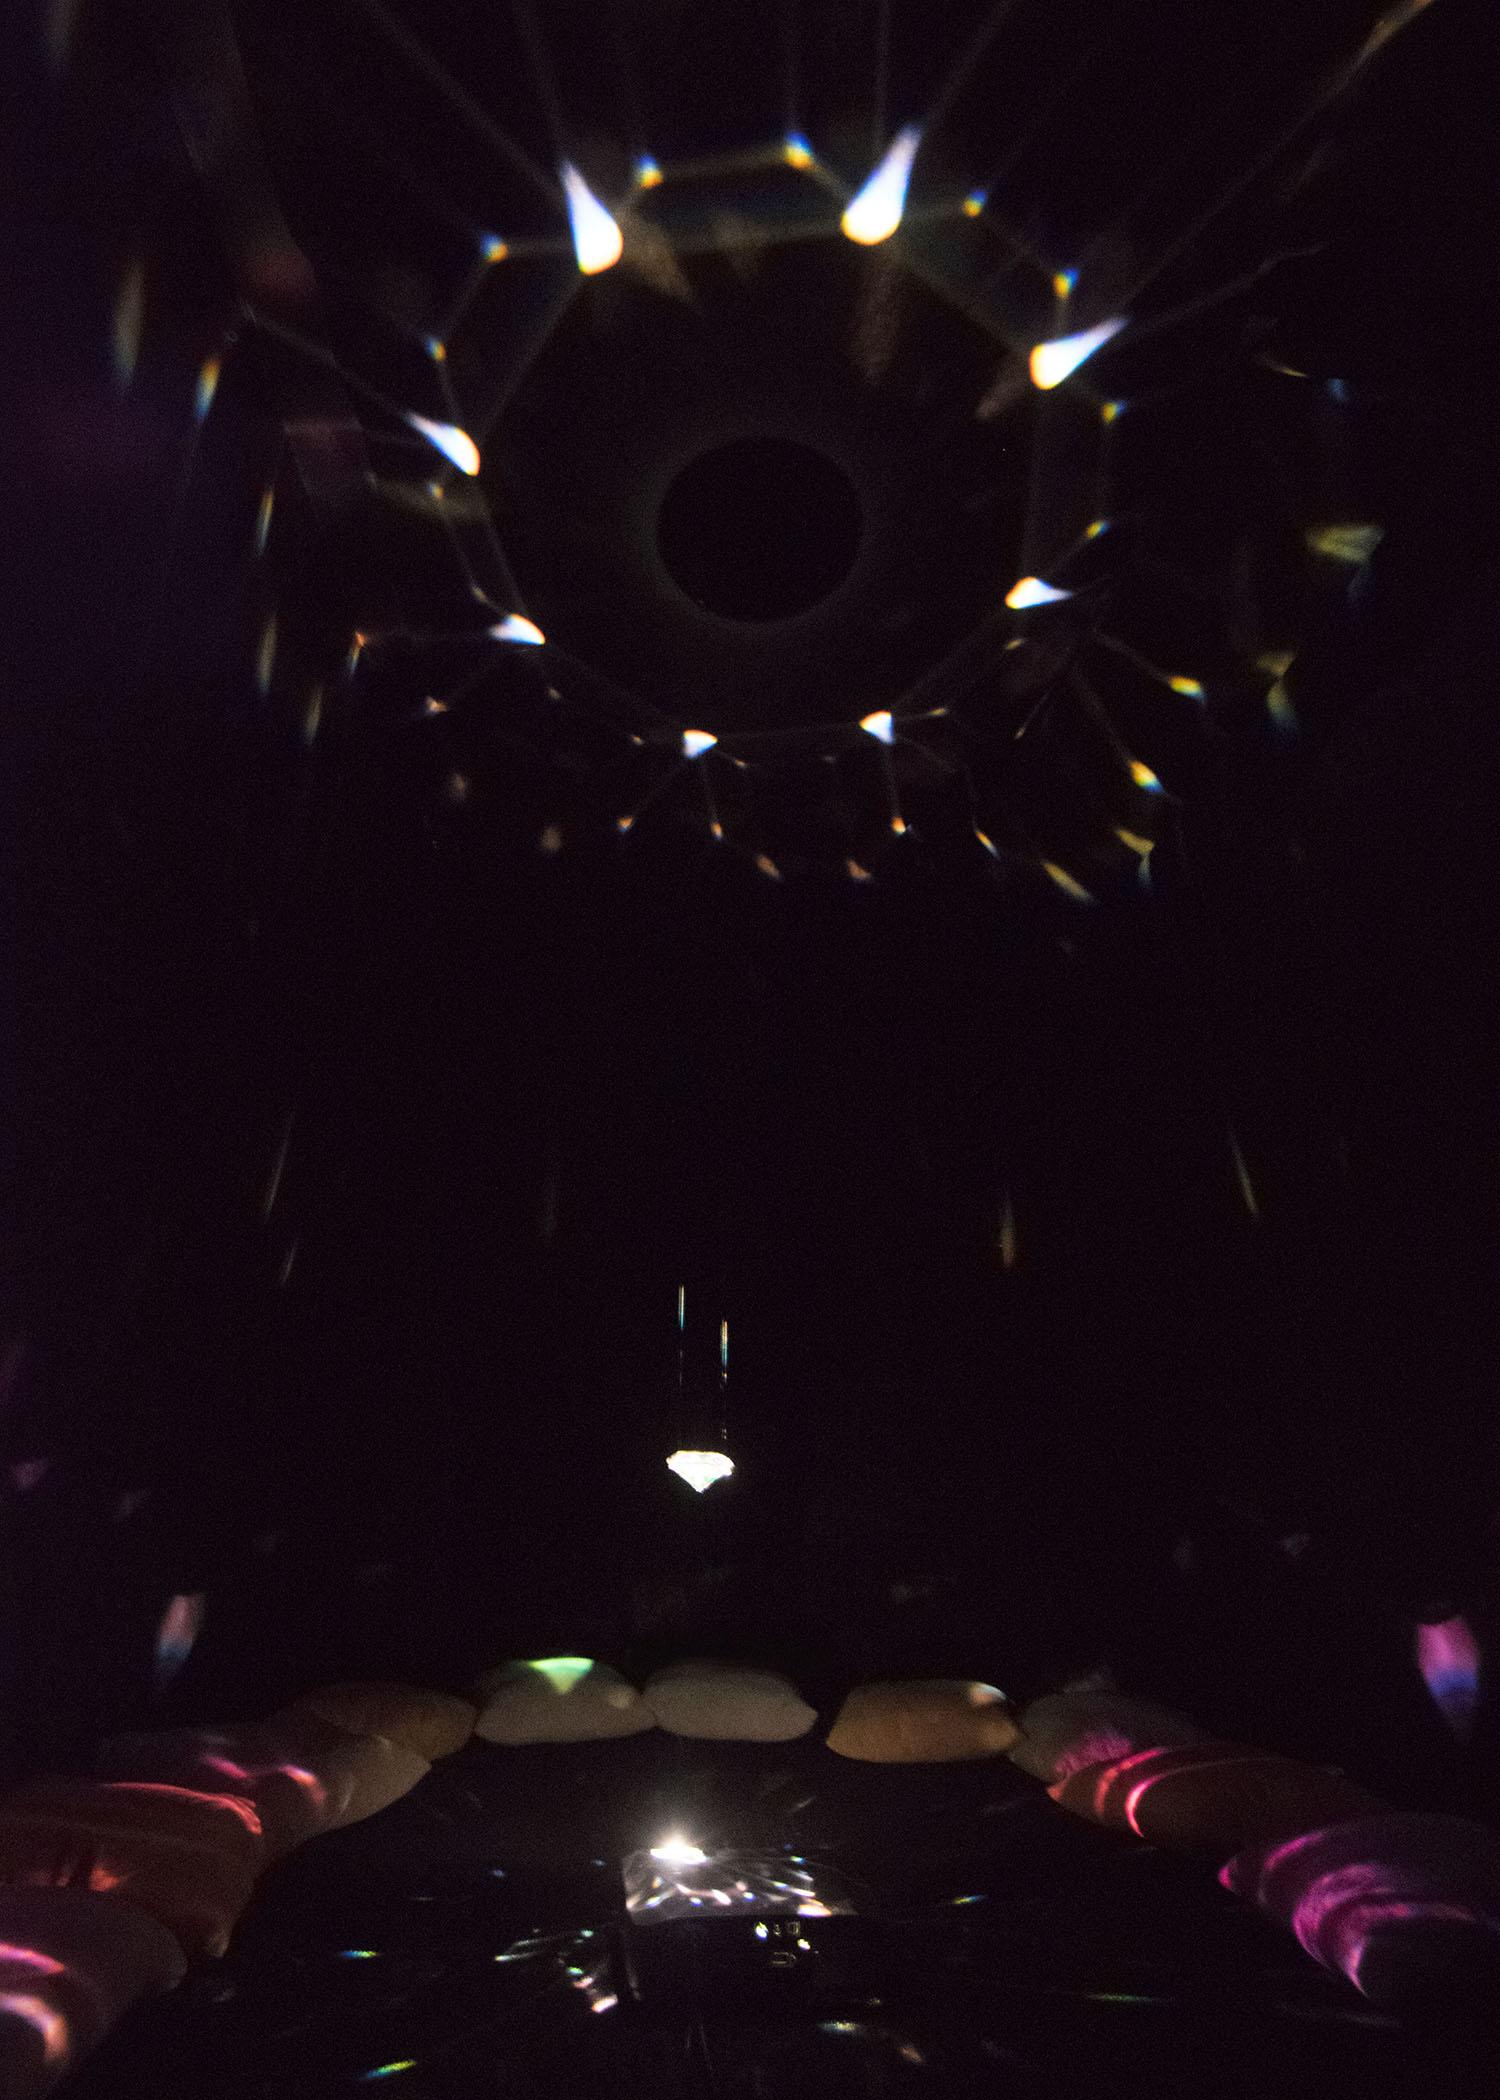 rkephart-lumen-obscura-4a.jpg